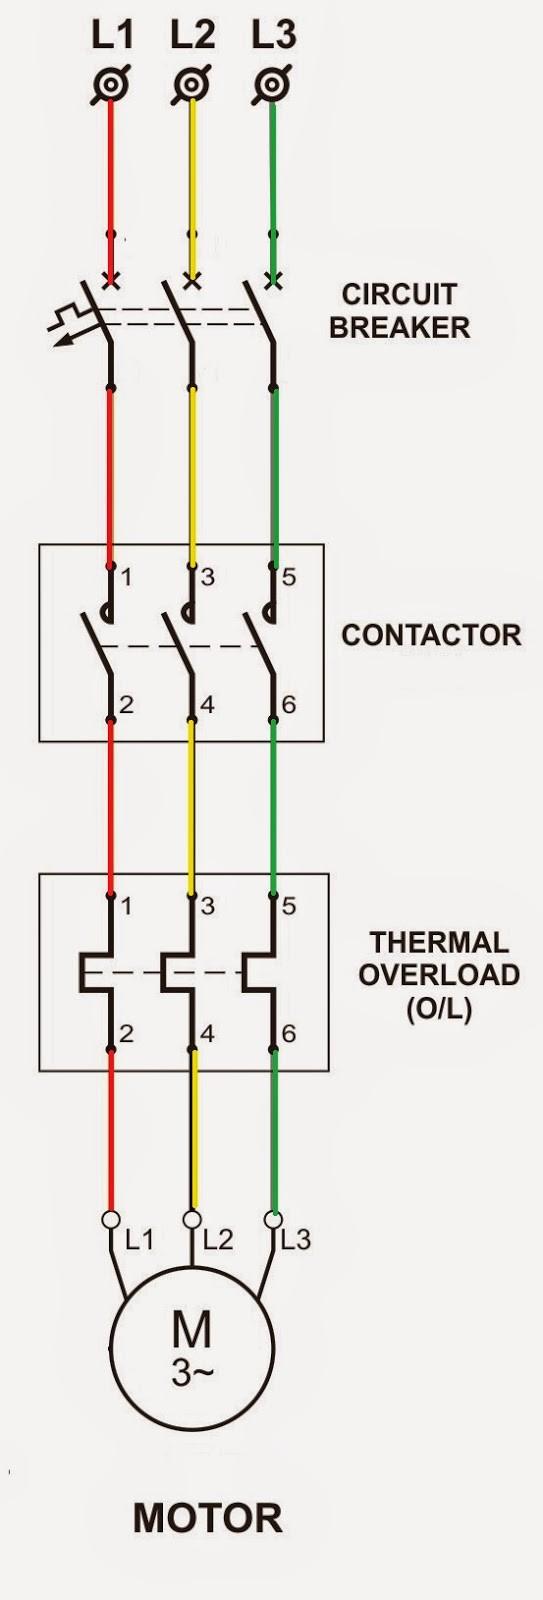 Electrical Standards Direct Line Dol Starter Cutler Hammer Starter Wiring Diagram Elegant 3tf5222 0d Contactors